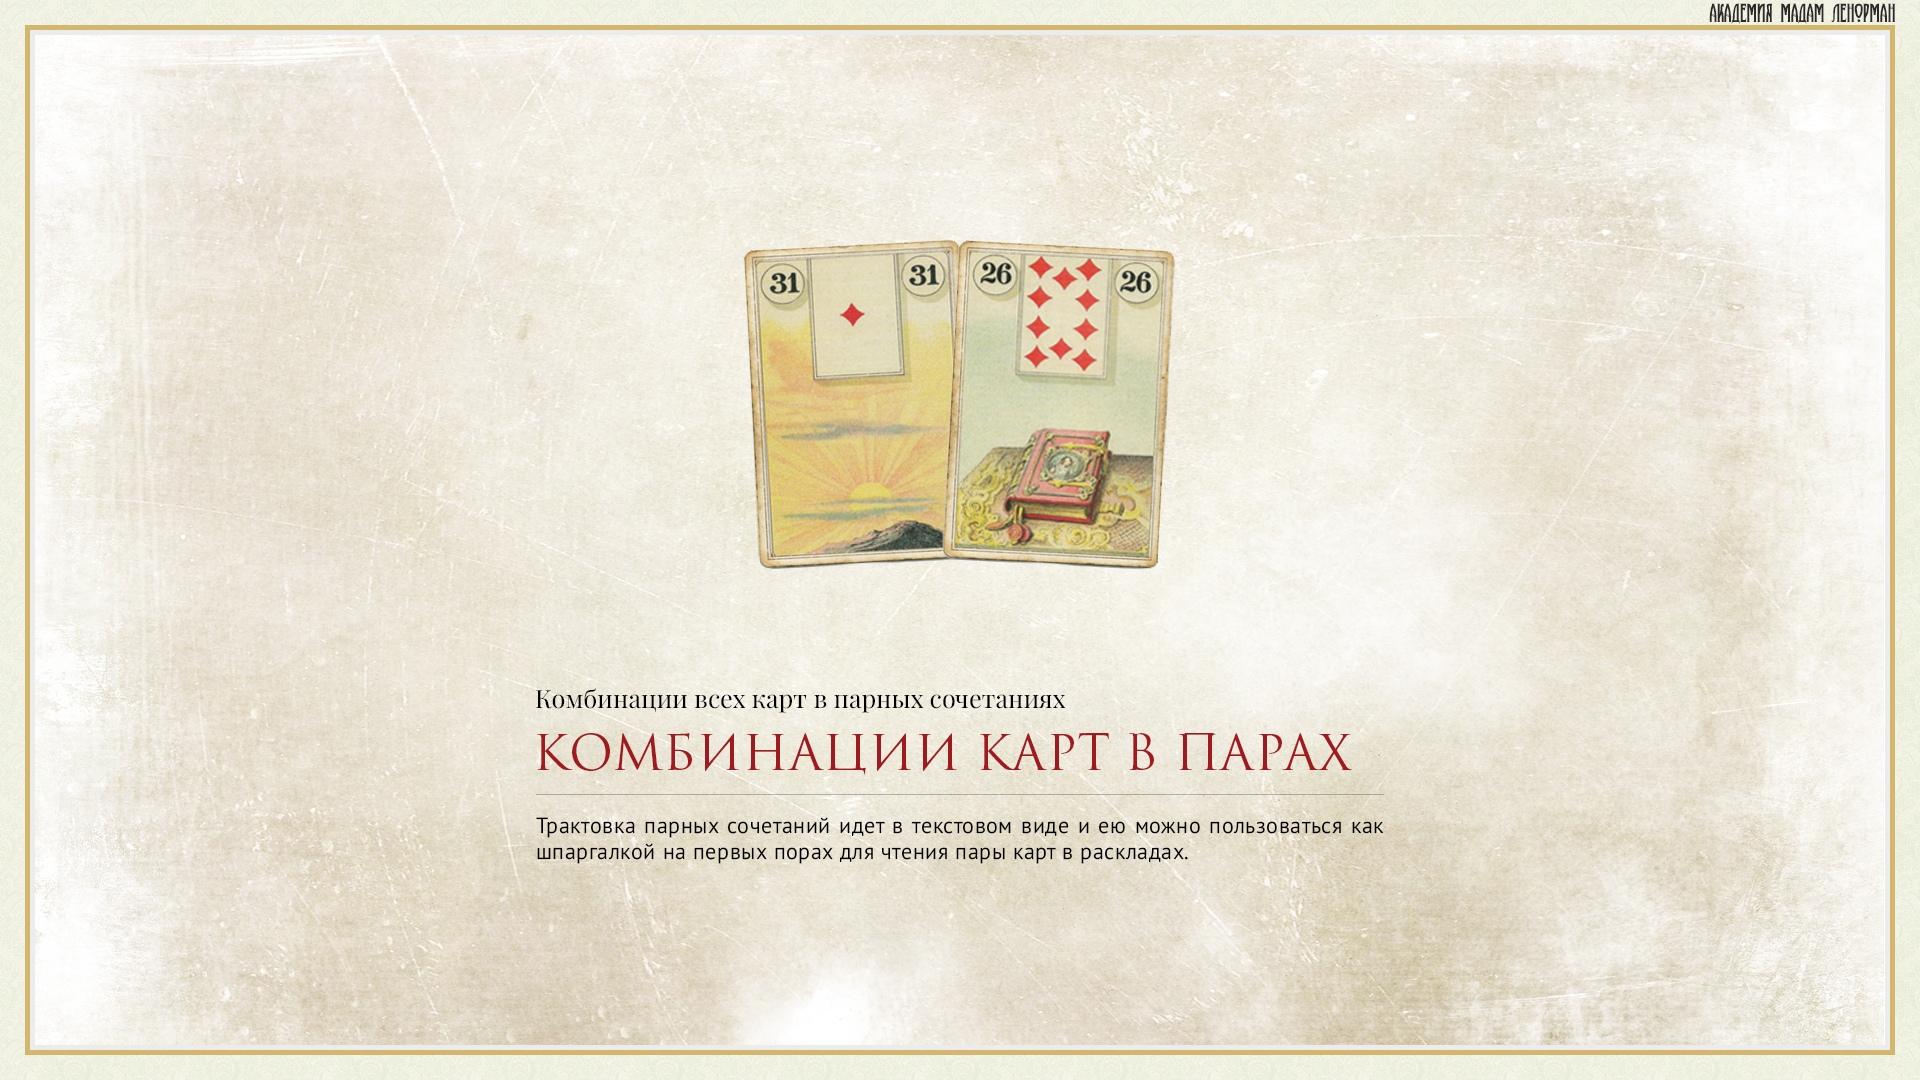 Комбинации всех карт в парных сочетаниях в Ленорман